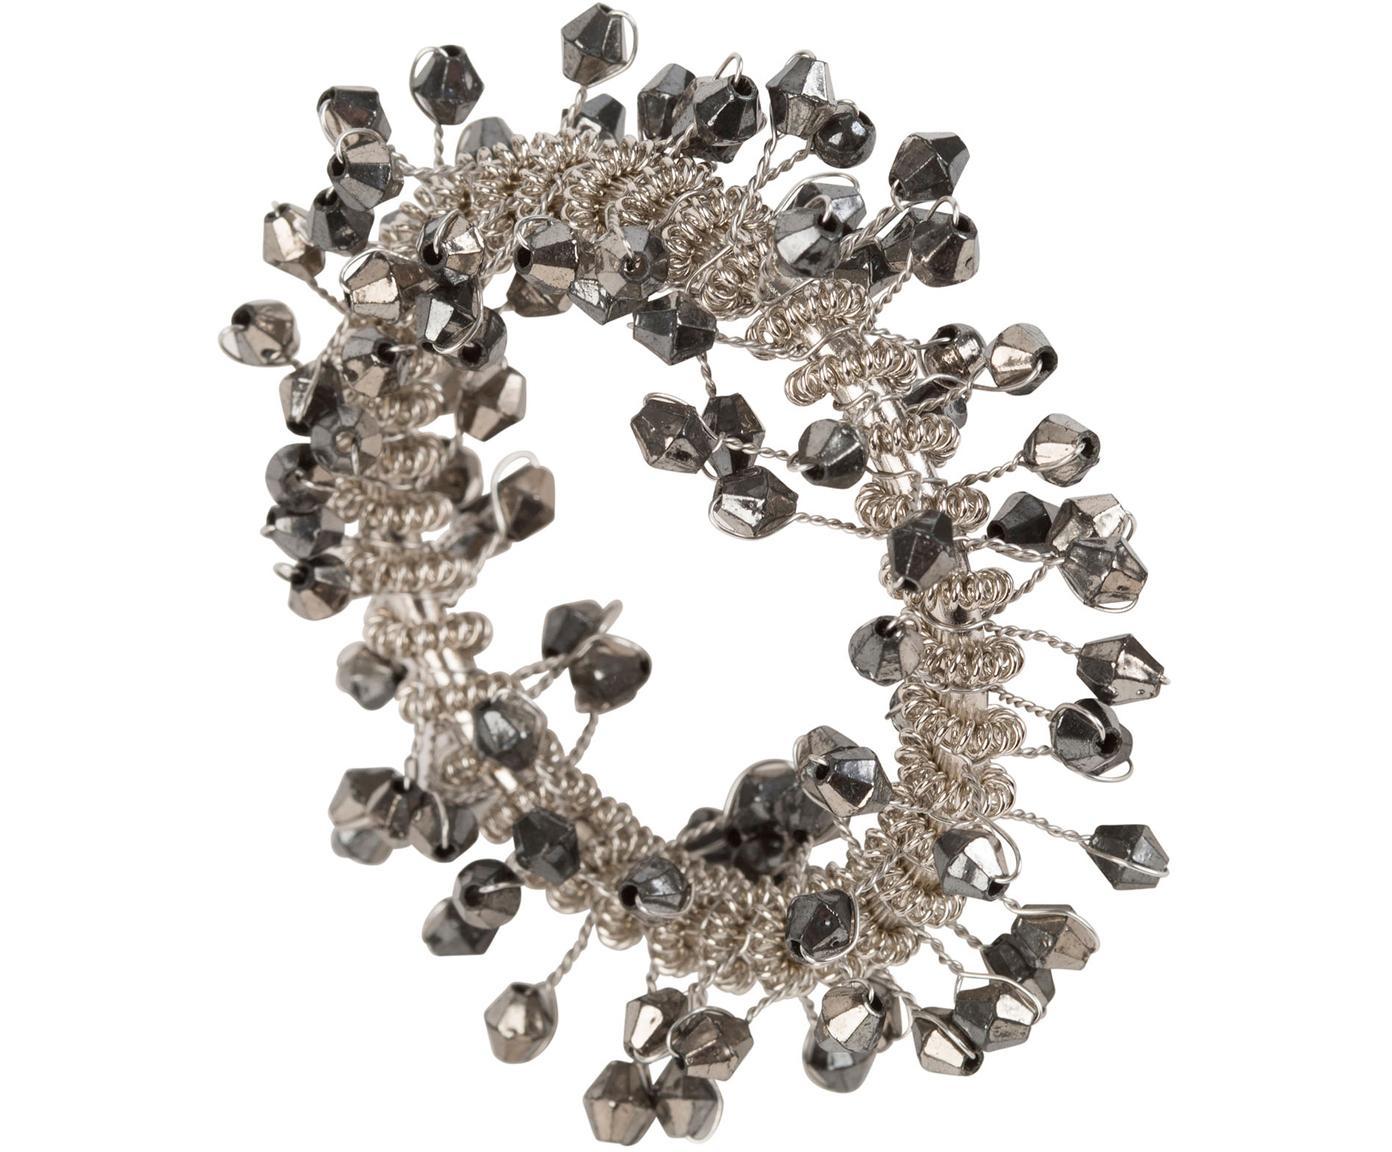 Servetringen Perlia, 2 stuks, Kunststof, glas, metaal, Grijs, metaalkleurig, Ø 4 cm